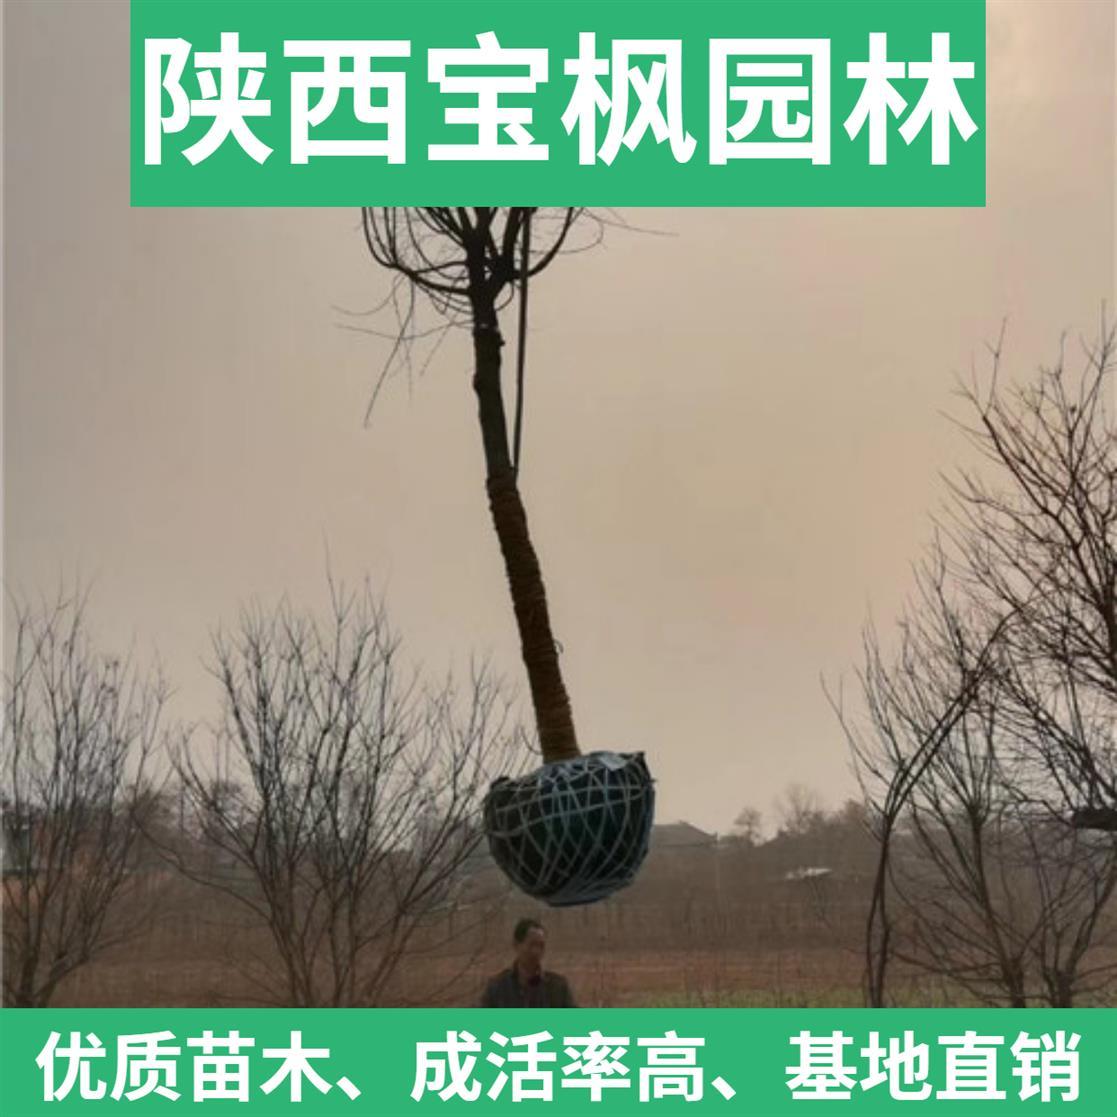 中国元宝枫百科 红叶元宝枫 叶形秀丽